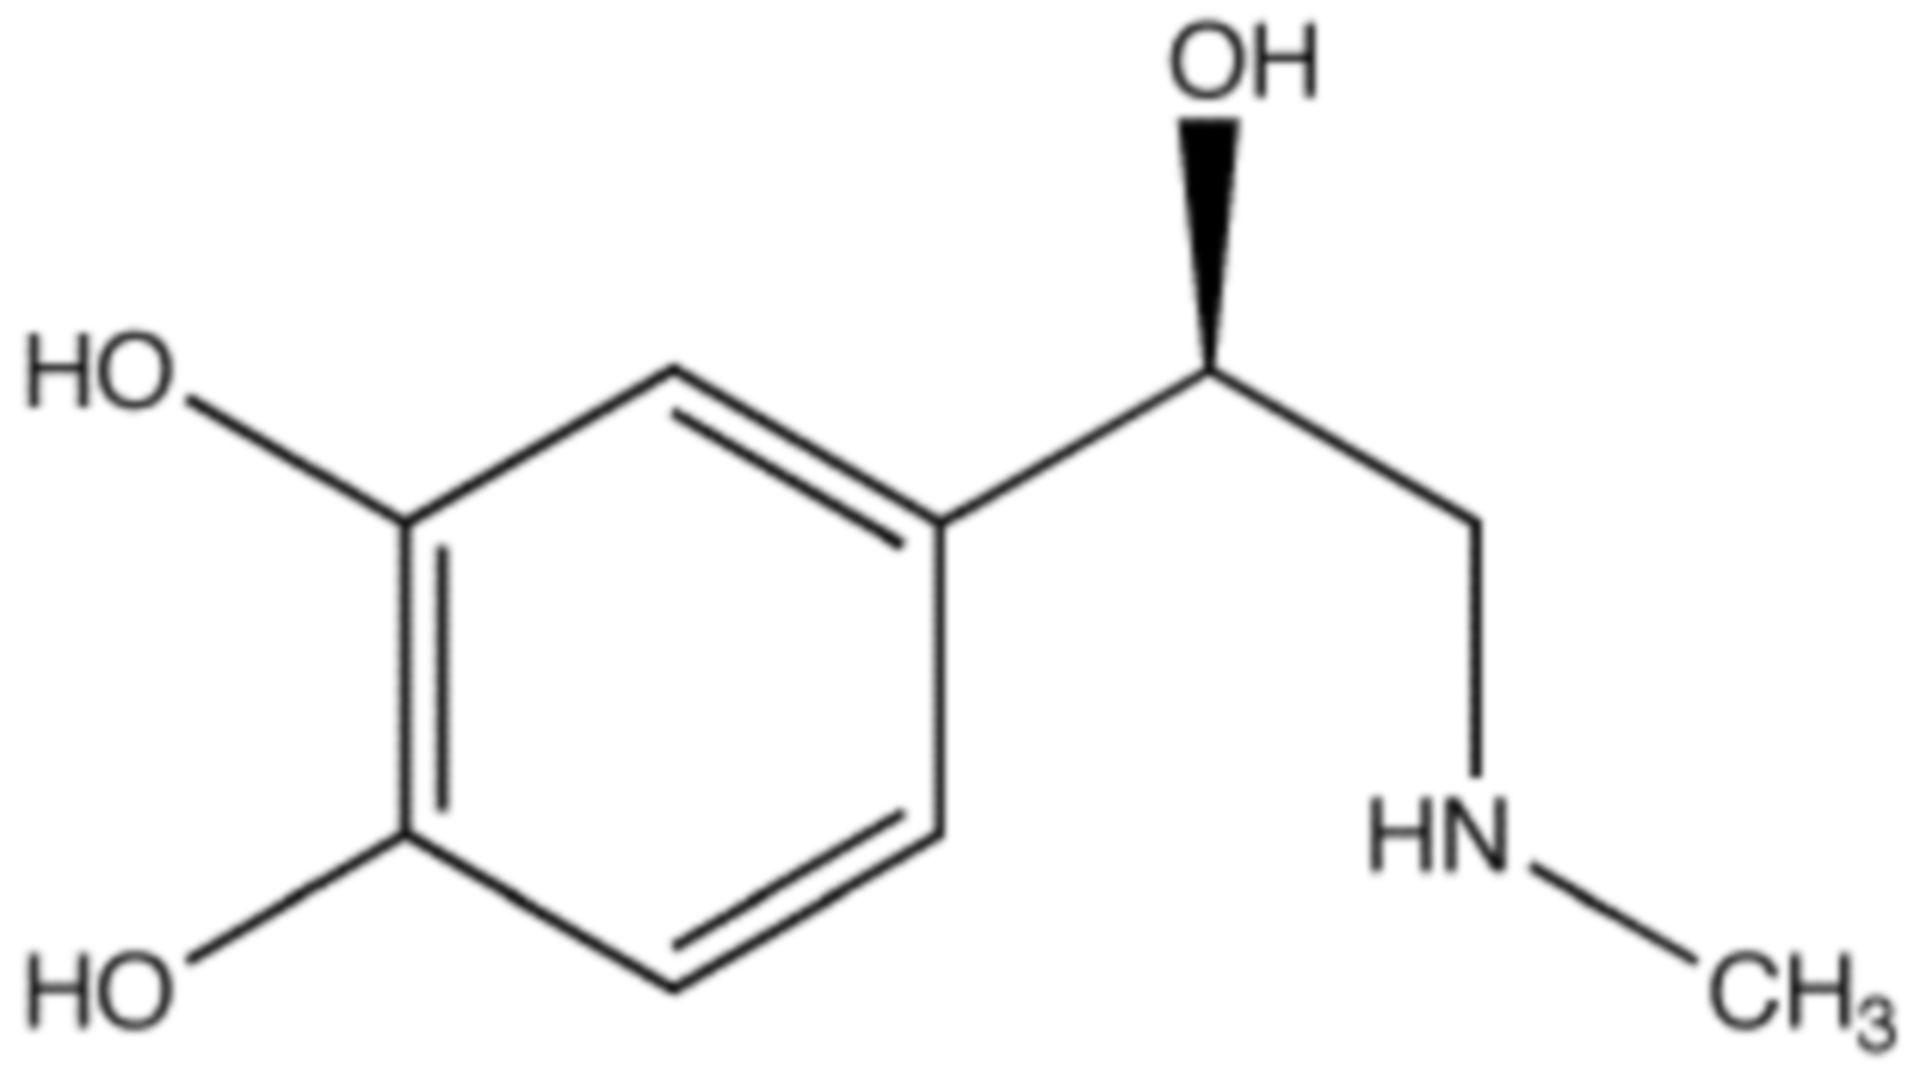 Strukturformel von Adrenalin